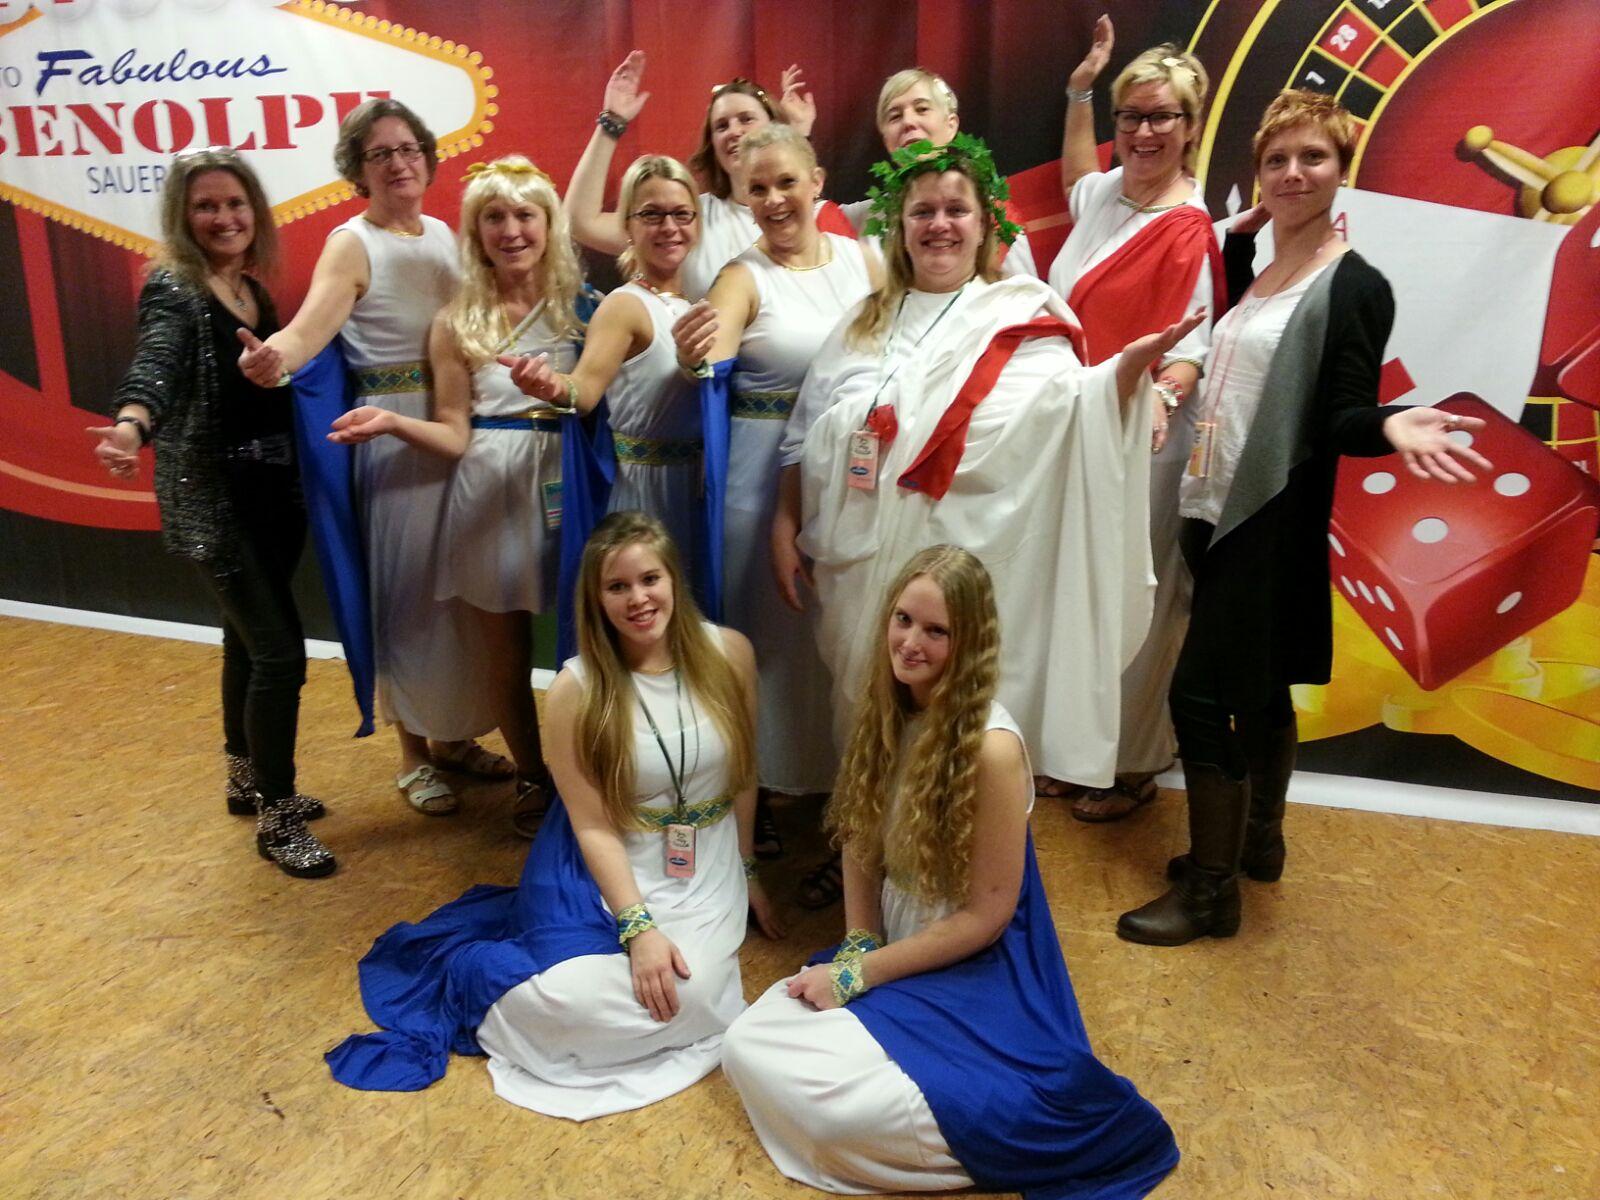 Theatergruppe der Frauengemeinschaft Benolpe